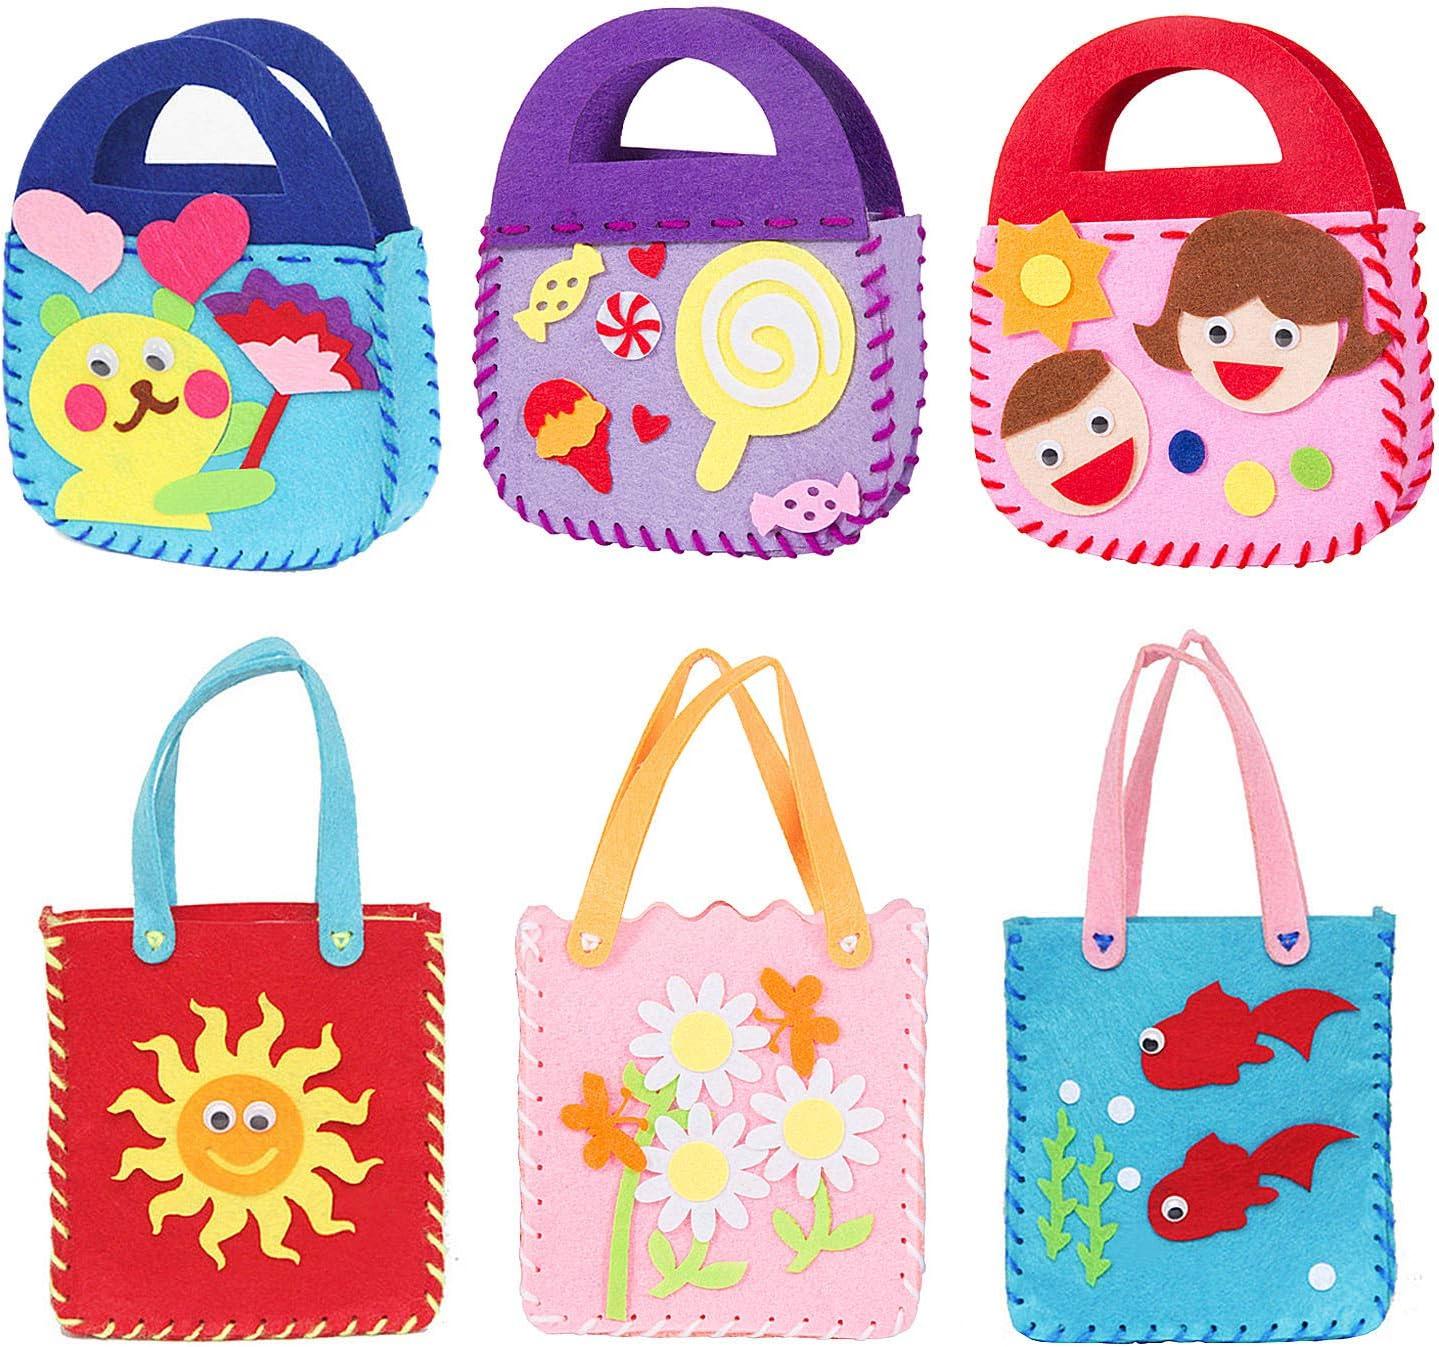 Joeyer 6 Kits de Costura Bricolaje Bolsa, Creativas Kits de Fieltro No Tejido Tela Bolso Artesanal para Niñas Regalo